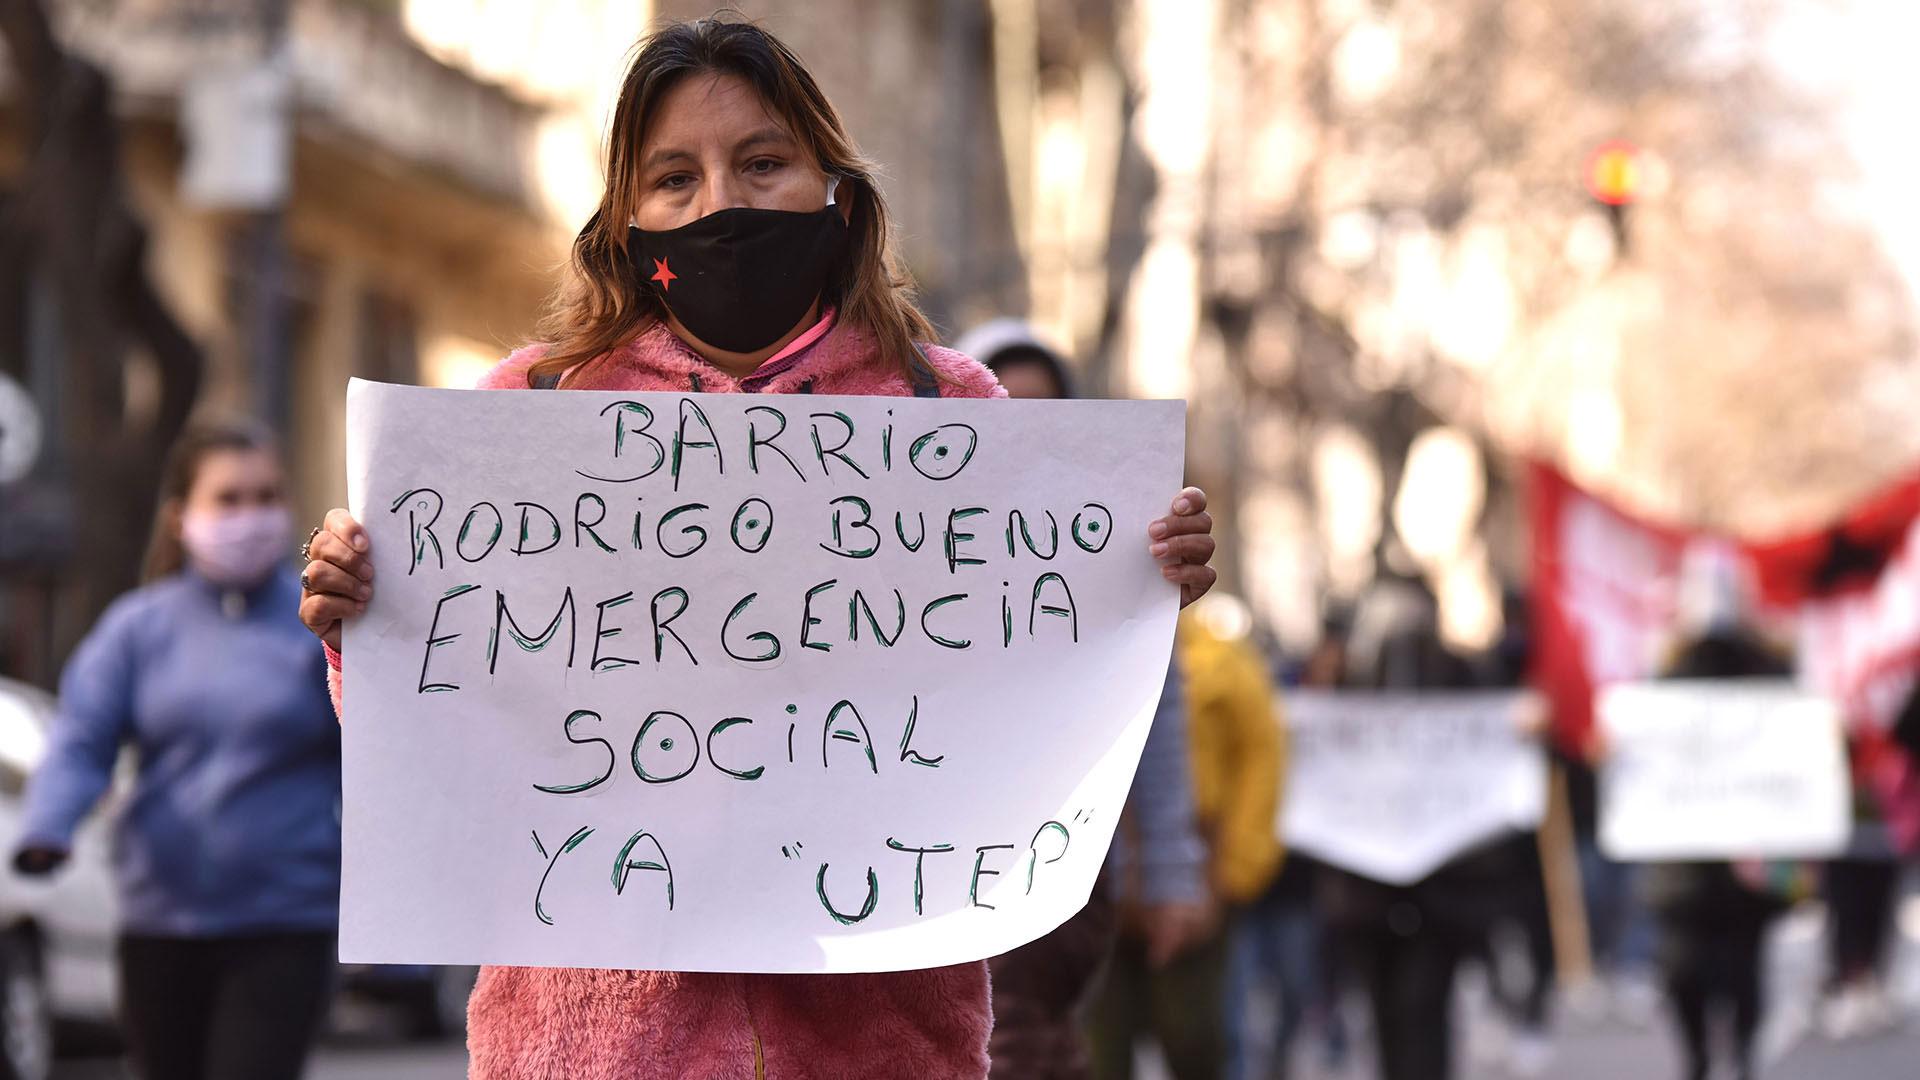 Muchos de los manifestantes llevaron carteles con los nombres de las villa de emergencia en las que viven